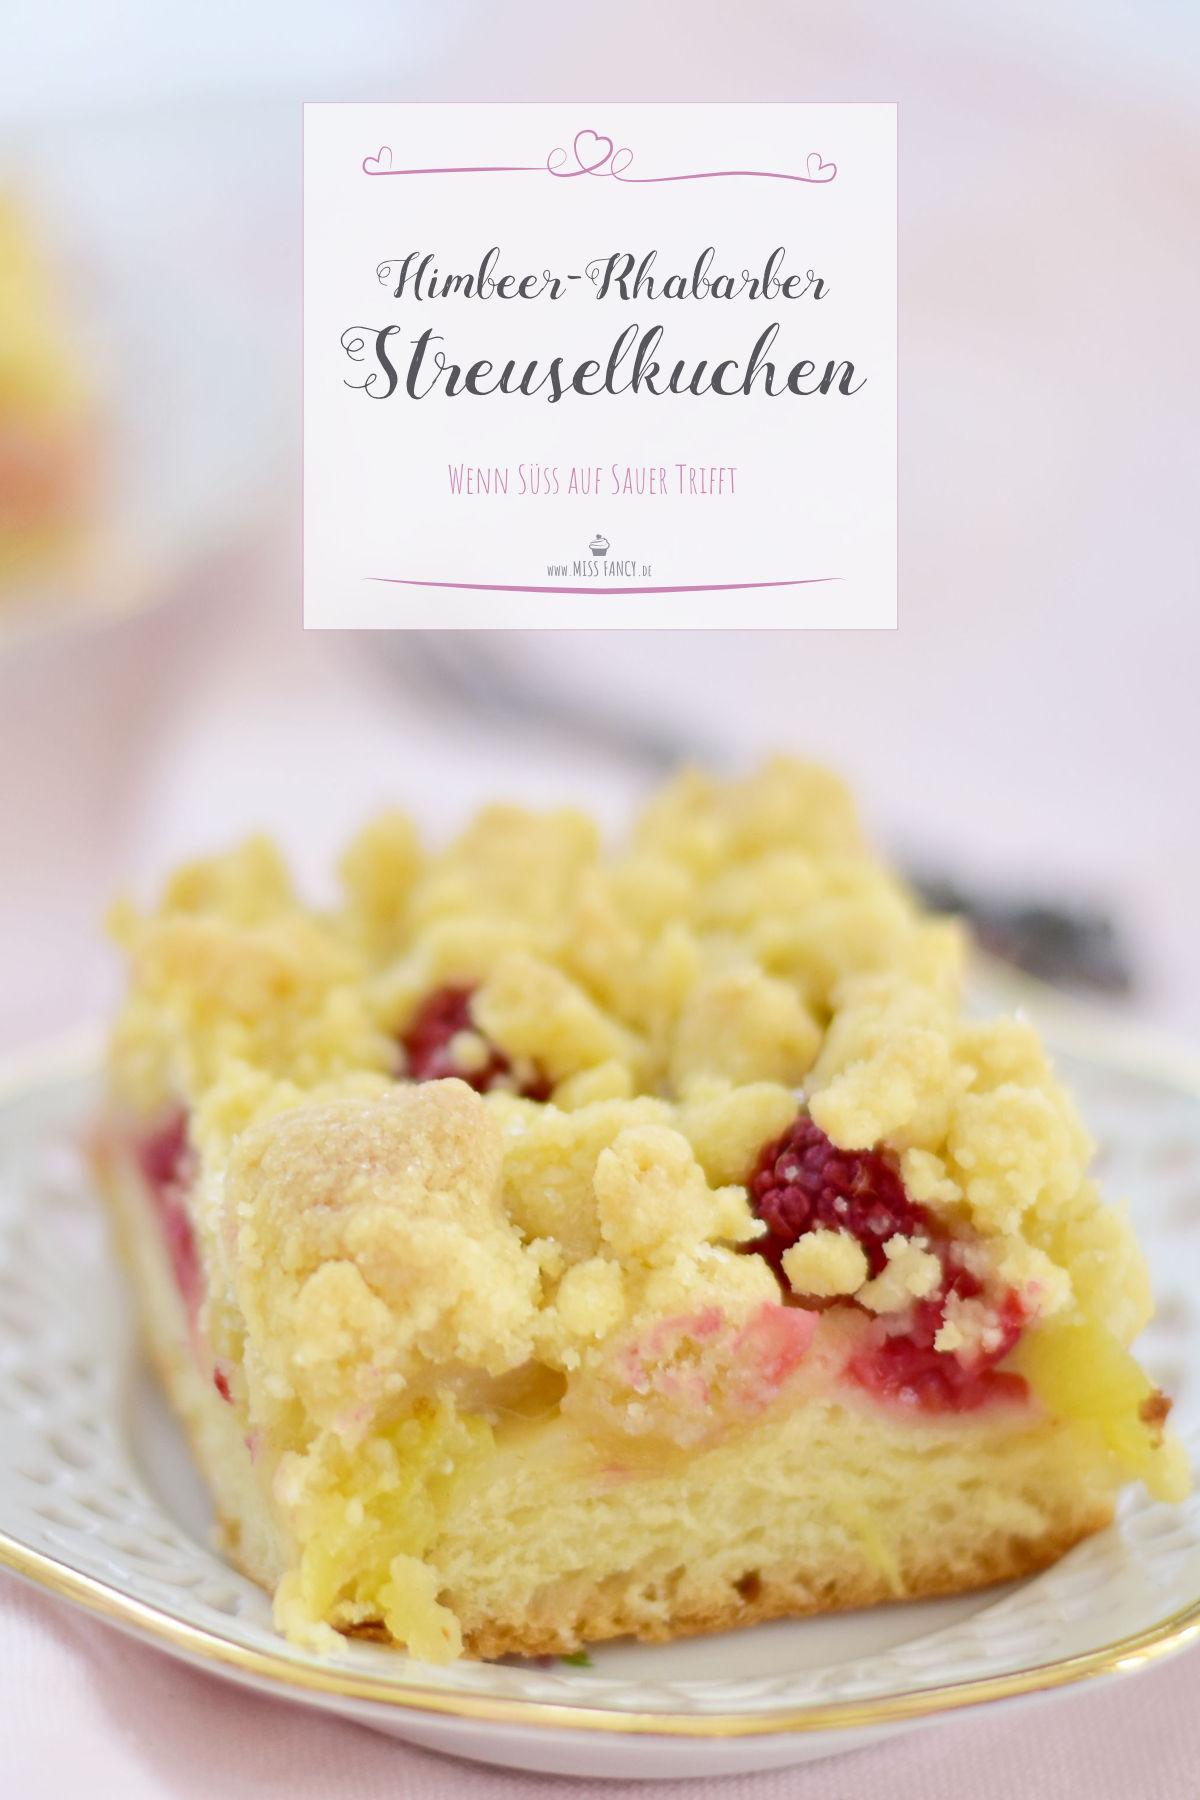 Rezept-Himbeer-Rhabarber-Streuselkuchen-missfancy